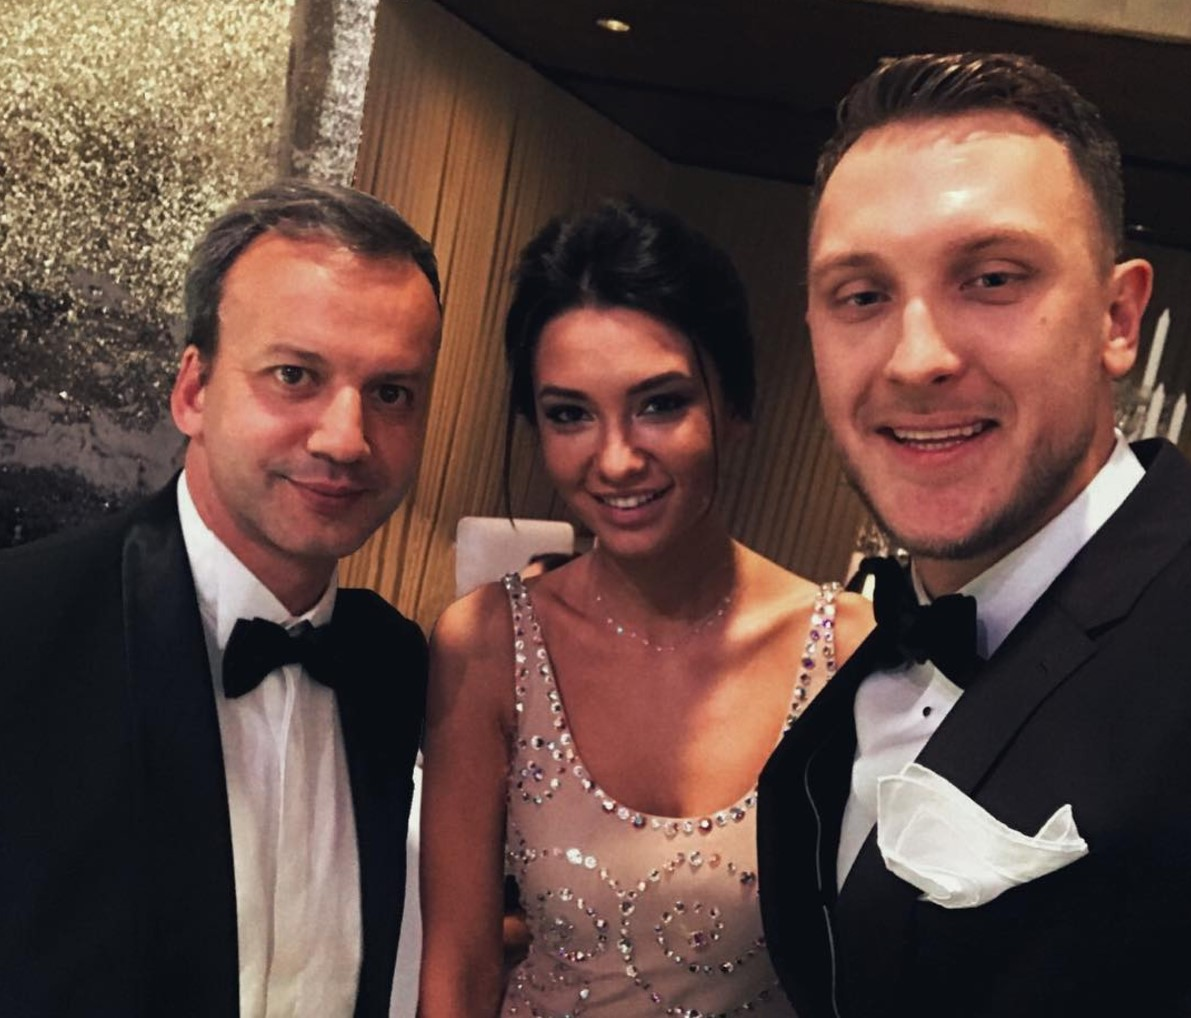 Свадьба Овечкина и Шубской 2017 фото и видео